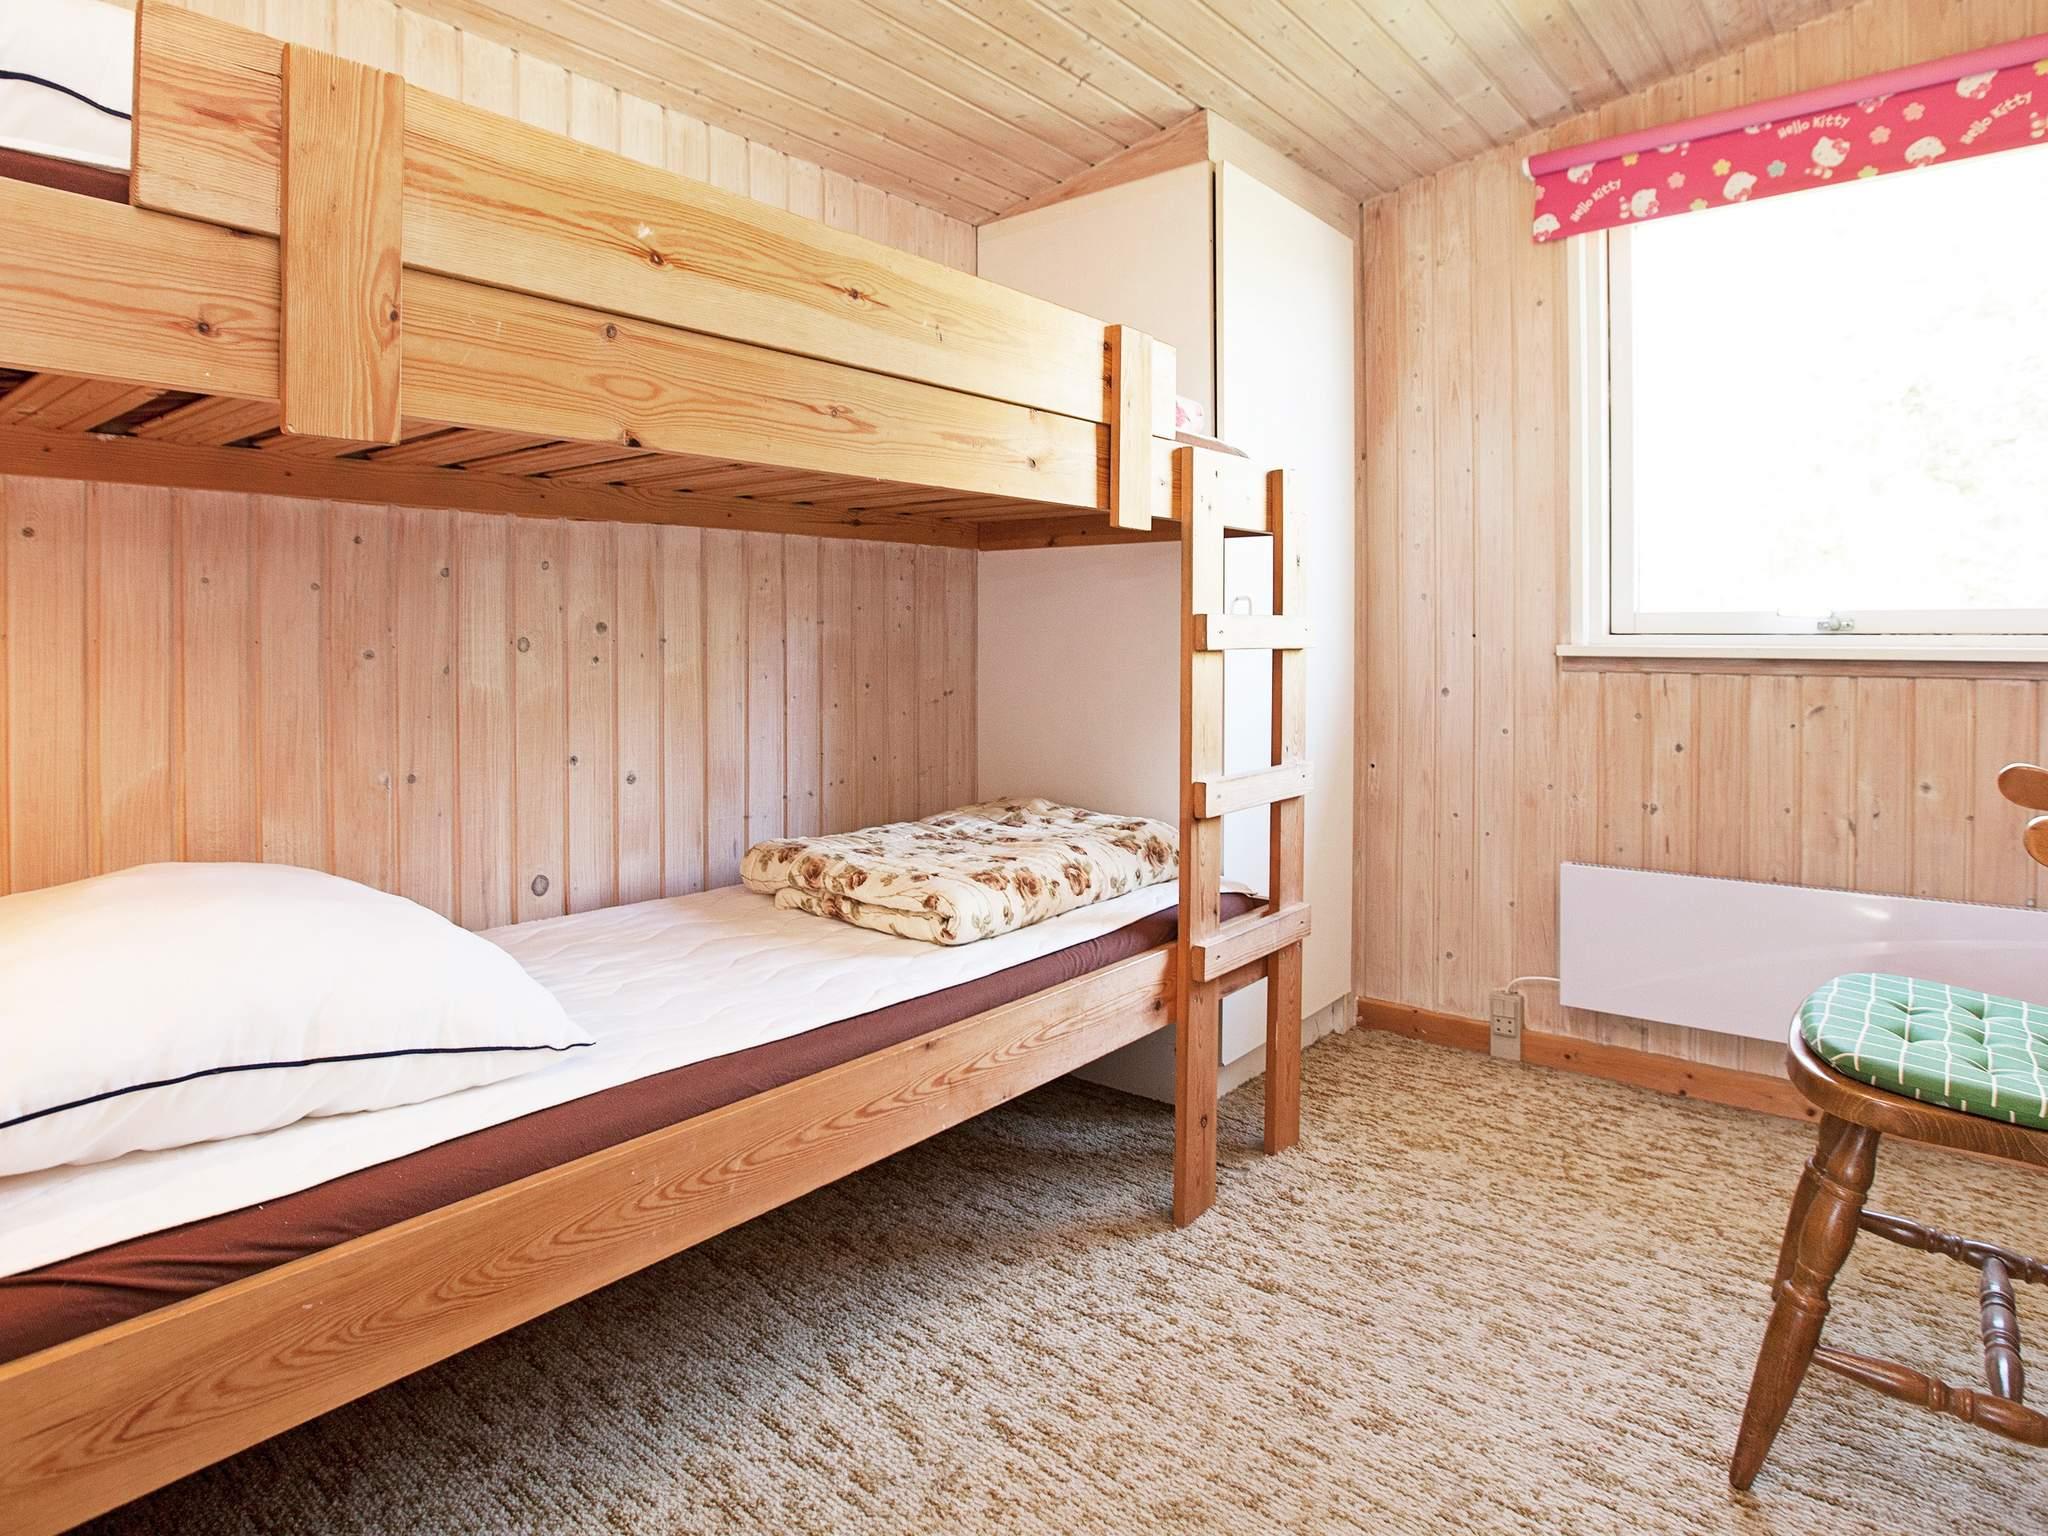 Ferienhaus Hummingen (81995), Hummingen, , Lolland, Dänemark, Bild 12